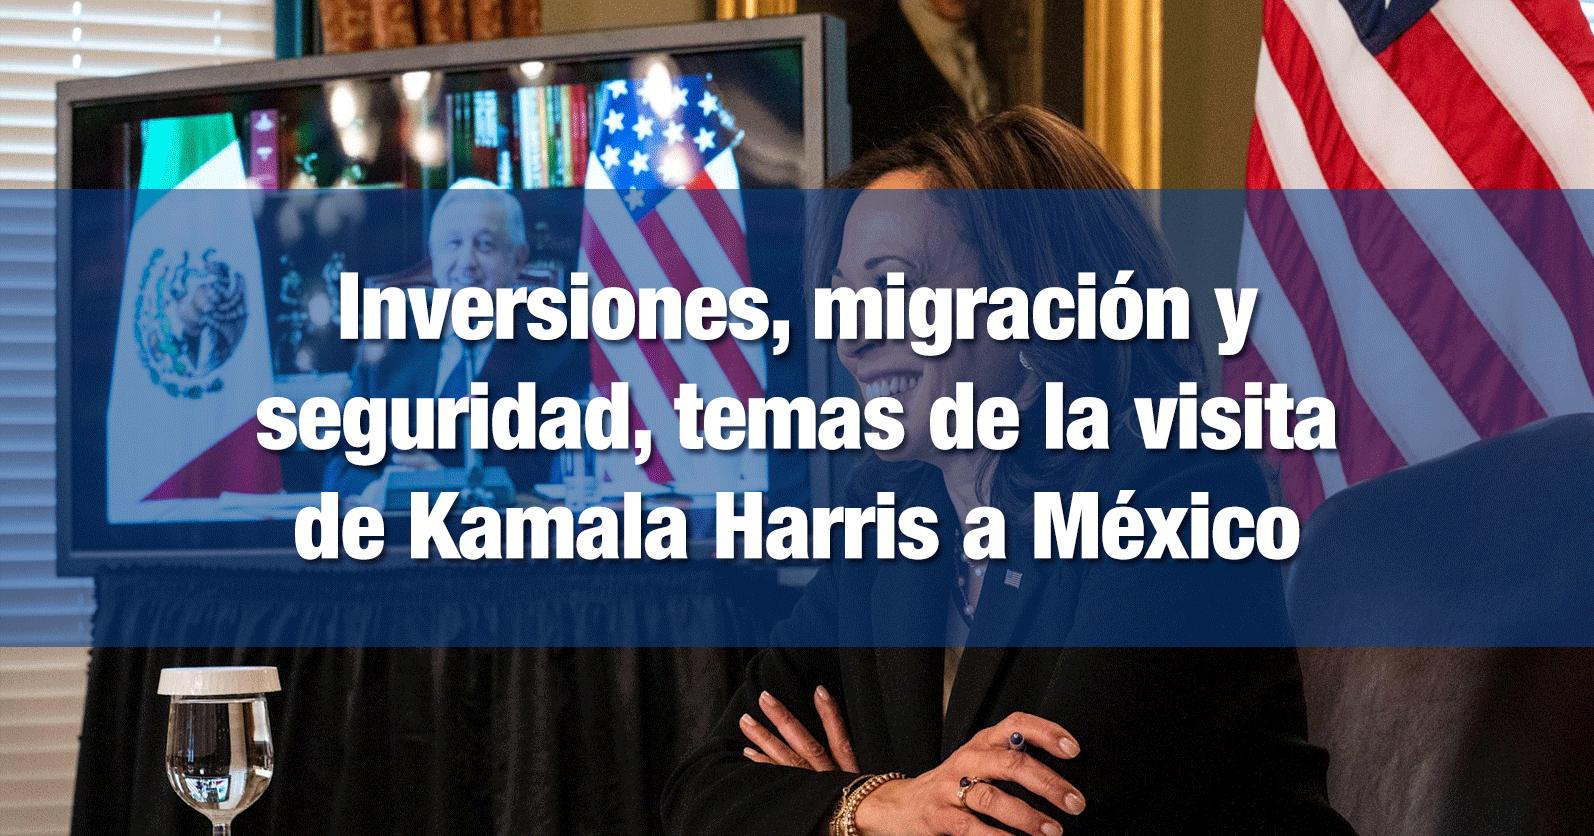 Inversiones, migración y seguridad, temas de la visita de Kamala Harris a México